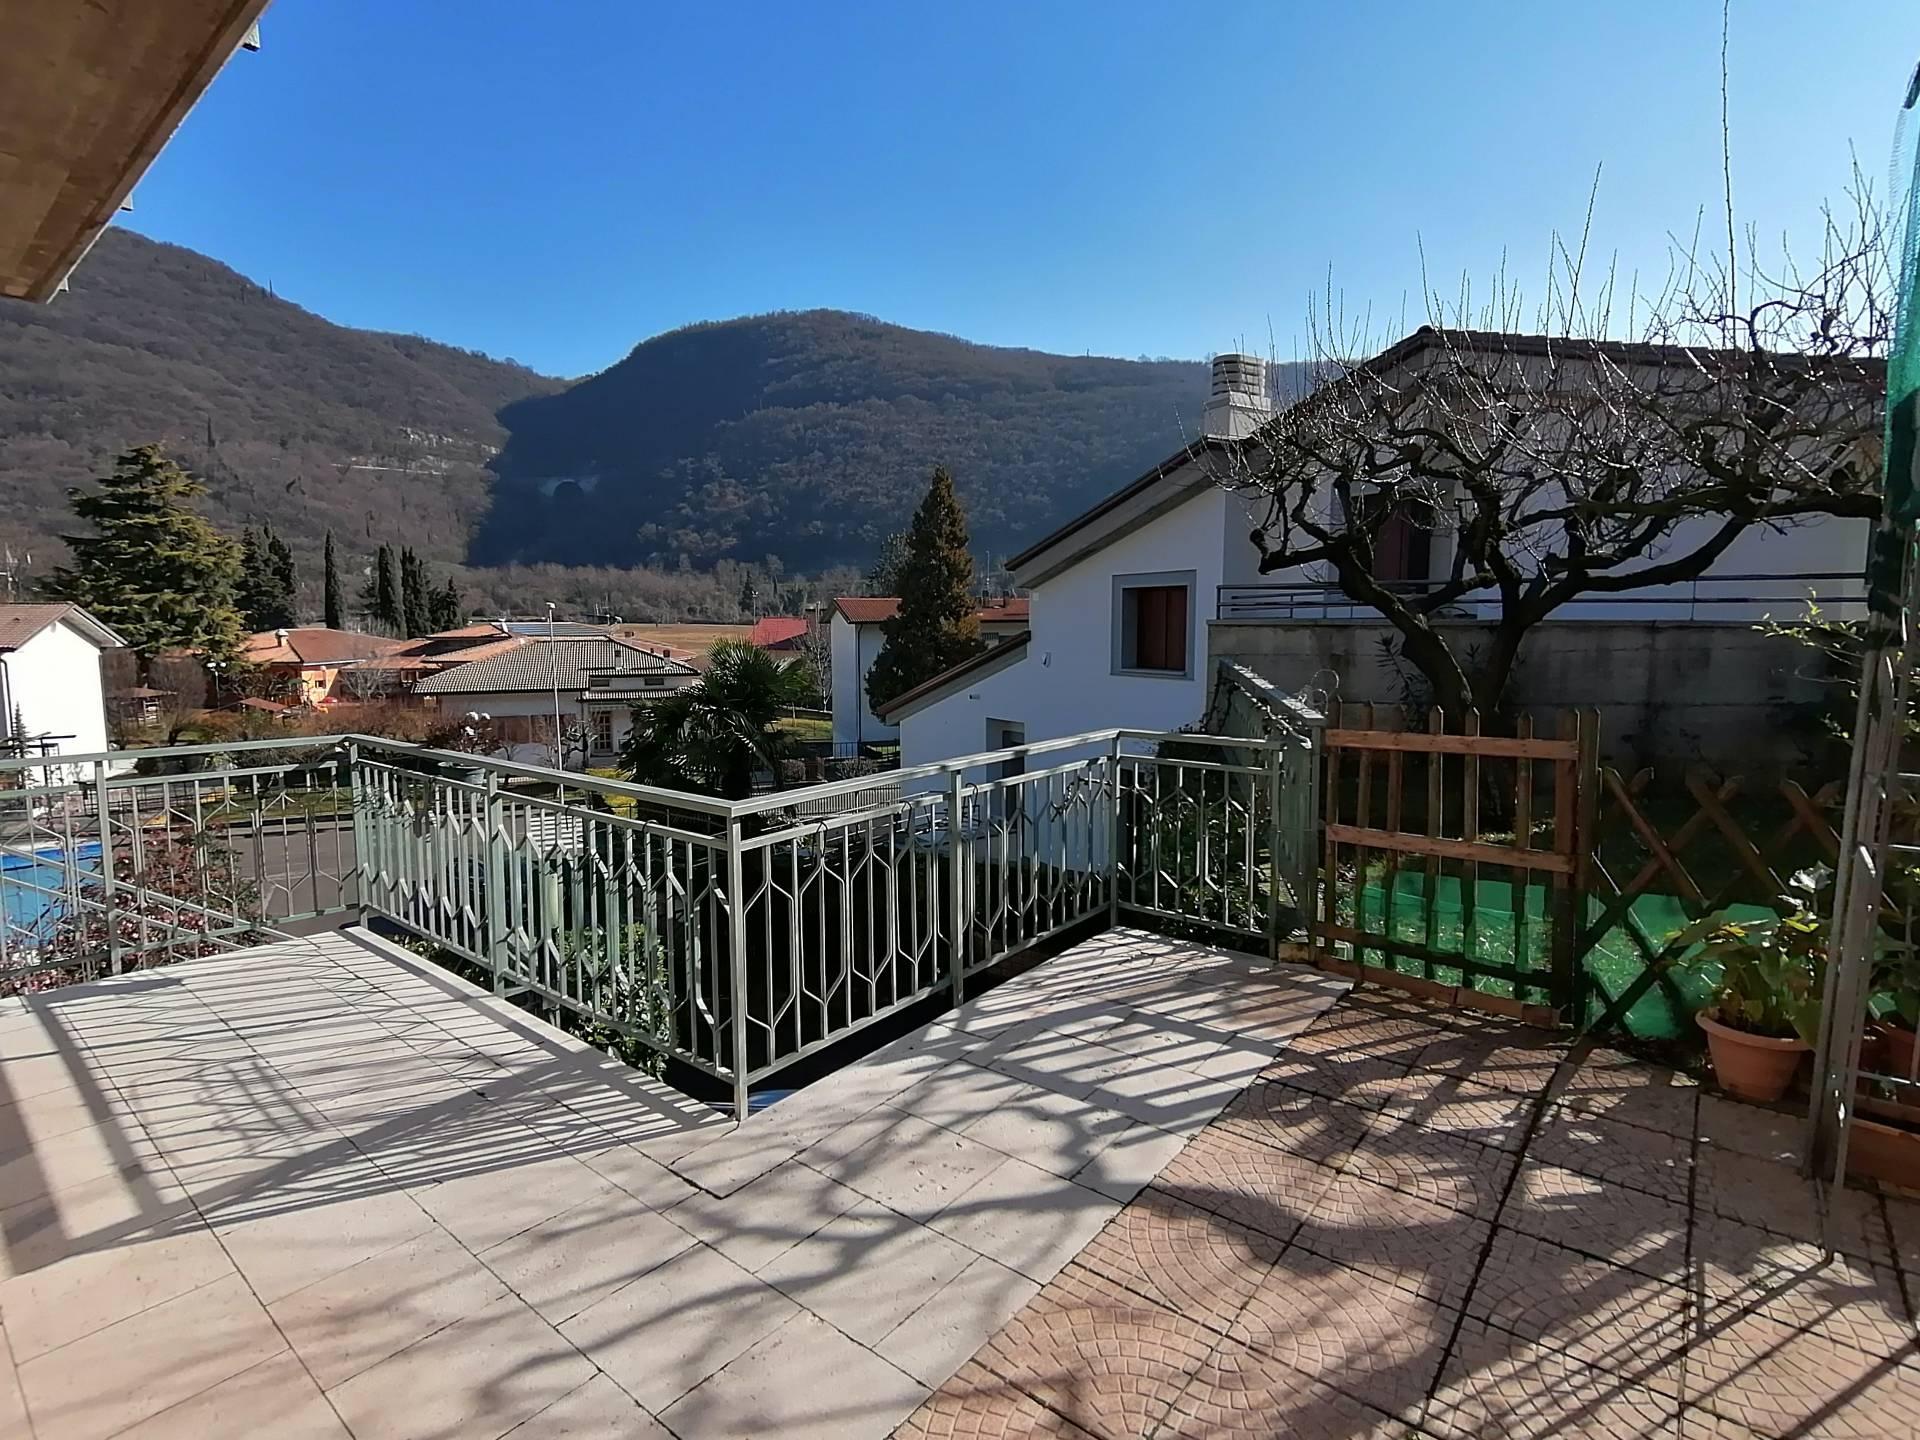 Villa Bifamiliare in vendita a Grezzana, 6 locali, prezzo € 295.000 | PortaleAgenzieImmobiliari.it